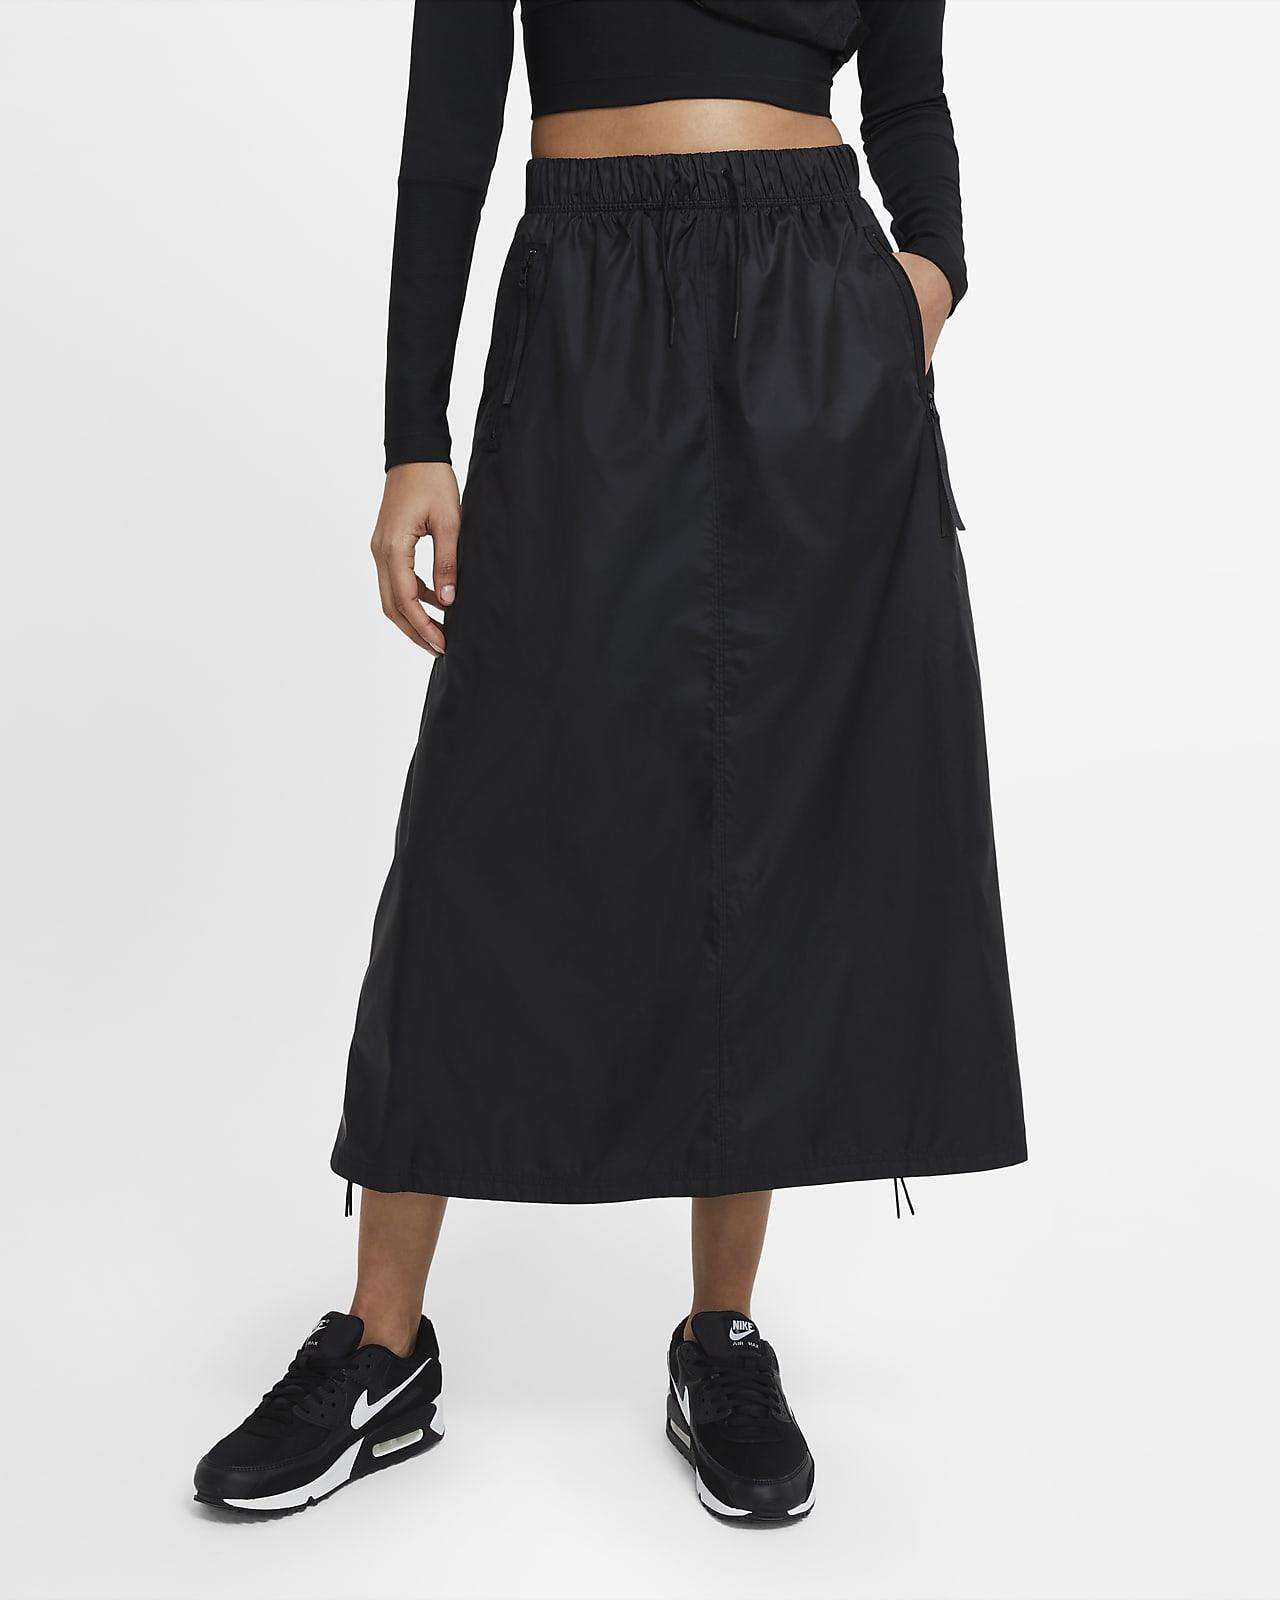 Nike Sportswear Tech Pack Women's Woven Skirt